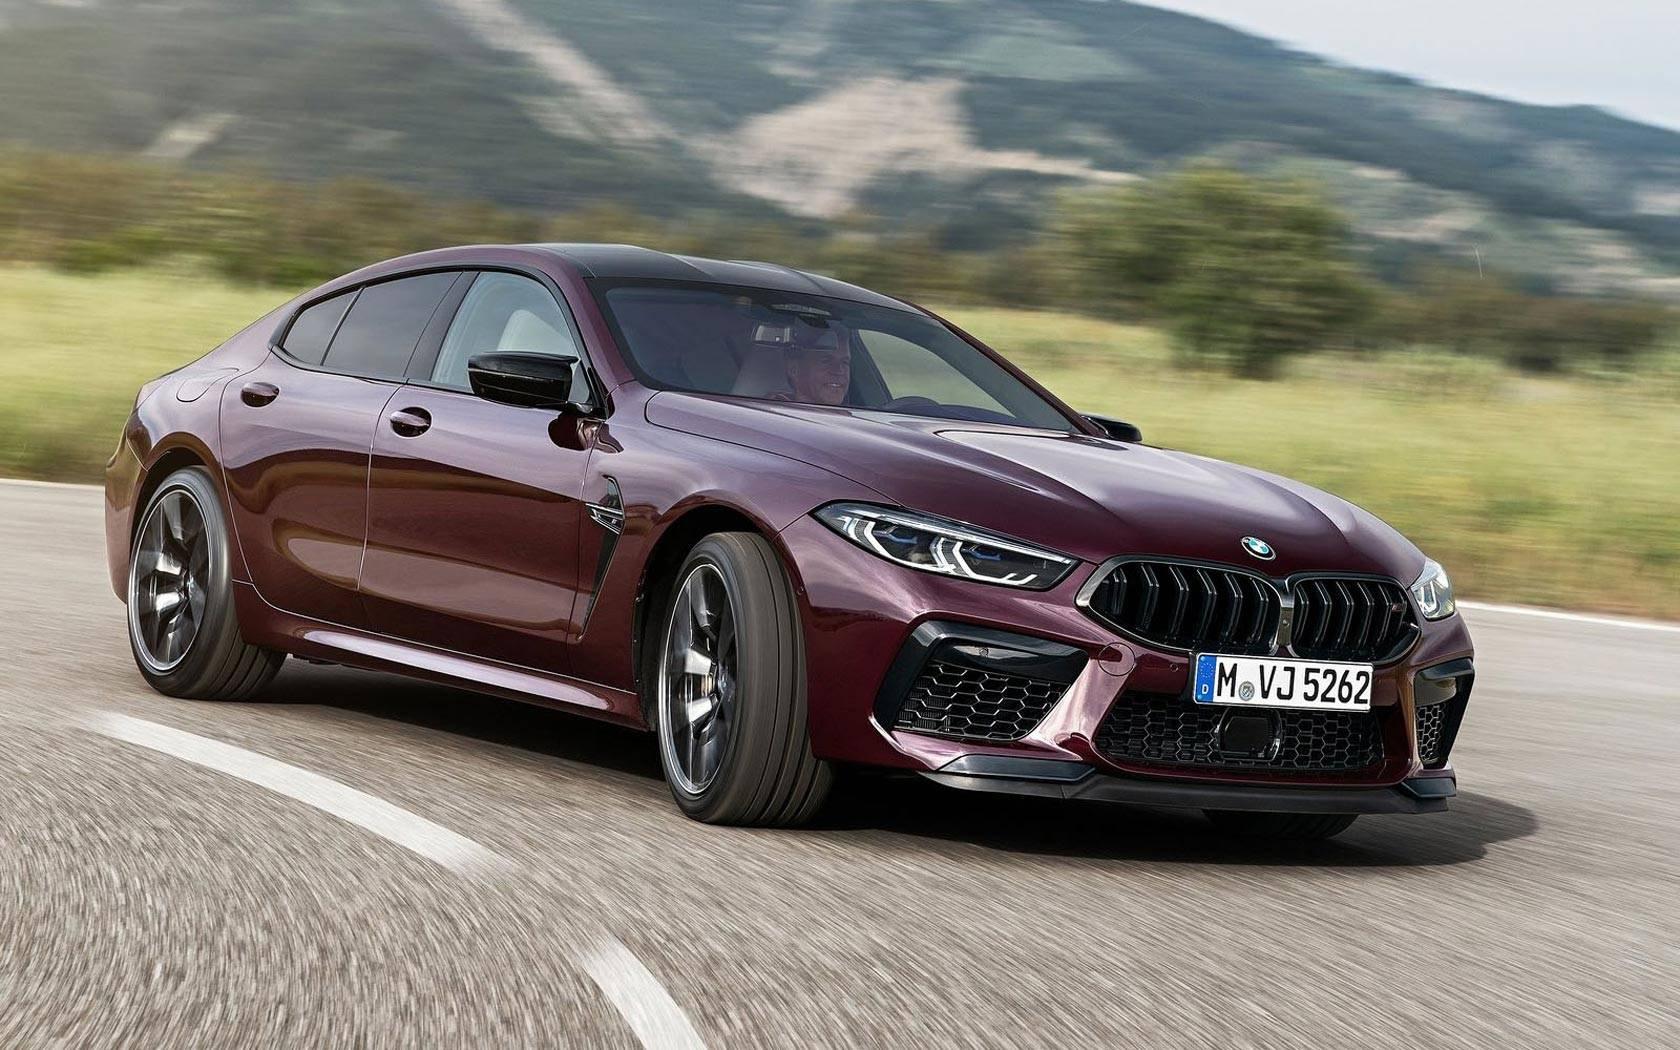 BMW выпустит 400 уникальных М8 Competition Gran Coupe